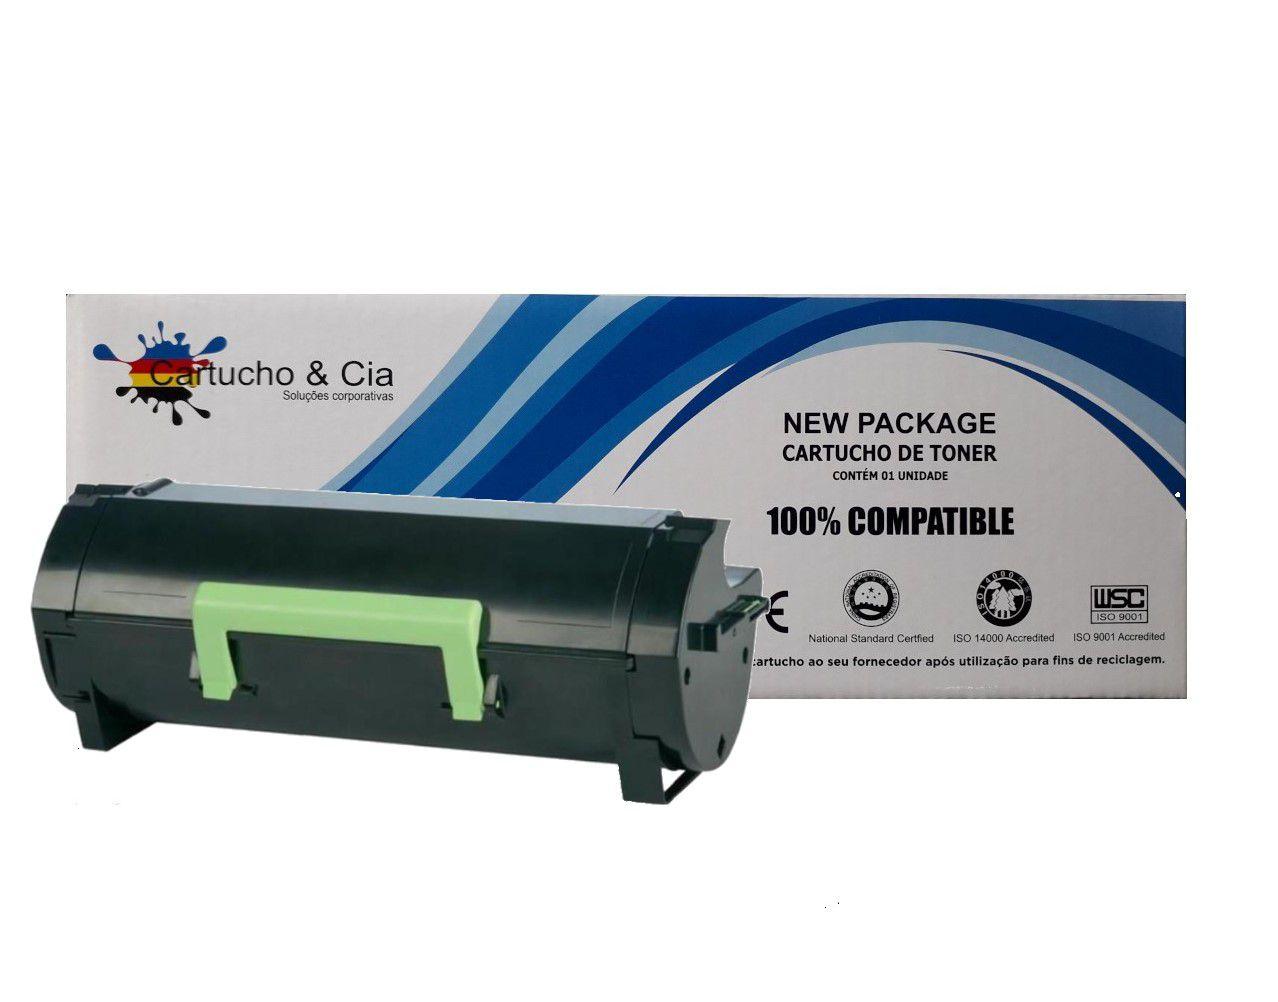 TONER COMPATÍVEL COM LEXMARK [60F4H00] MX310 MX410 MX511 MX611- 10.000 Páginas - Cartucho & Cia